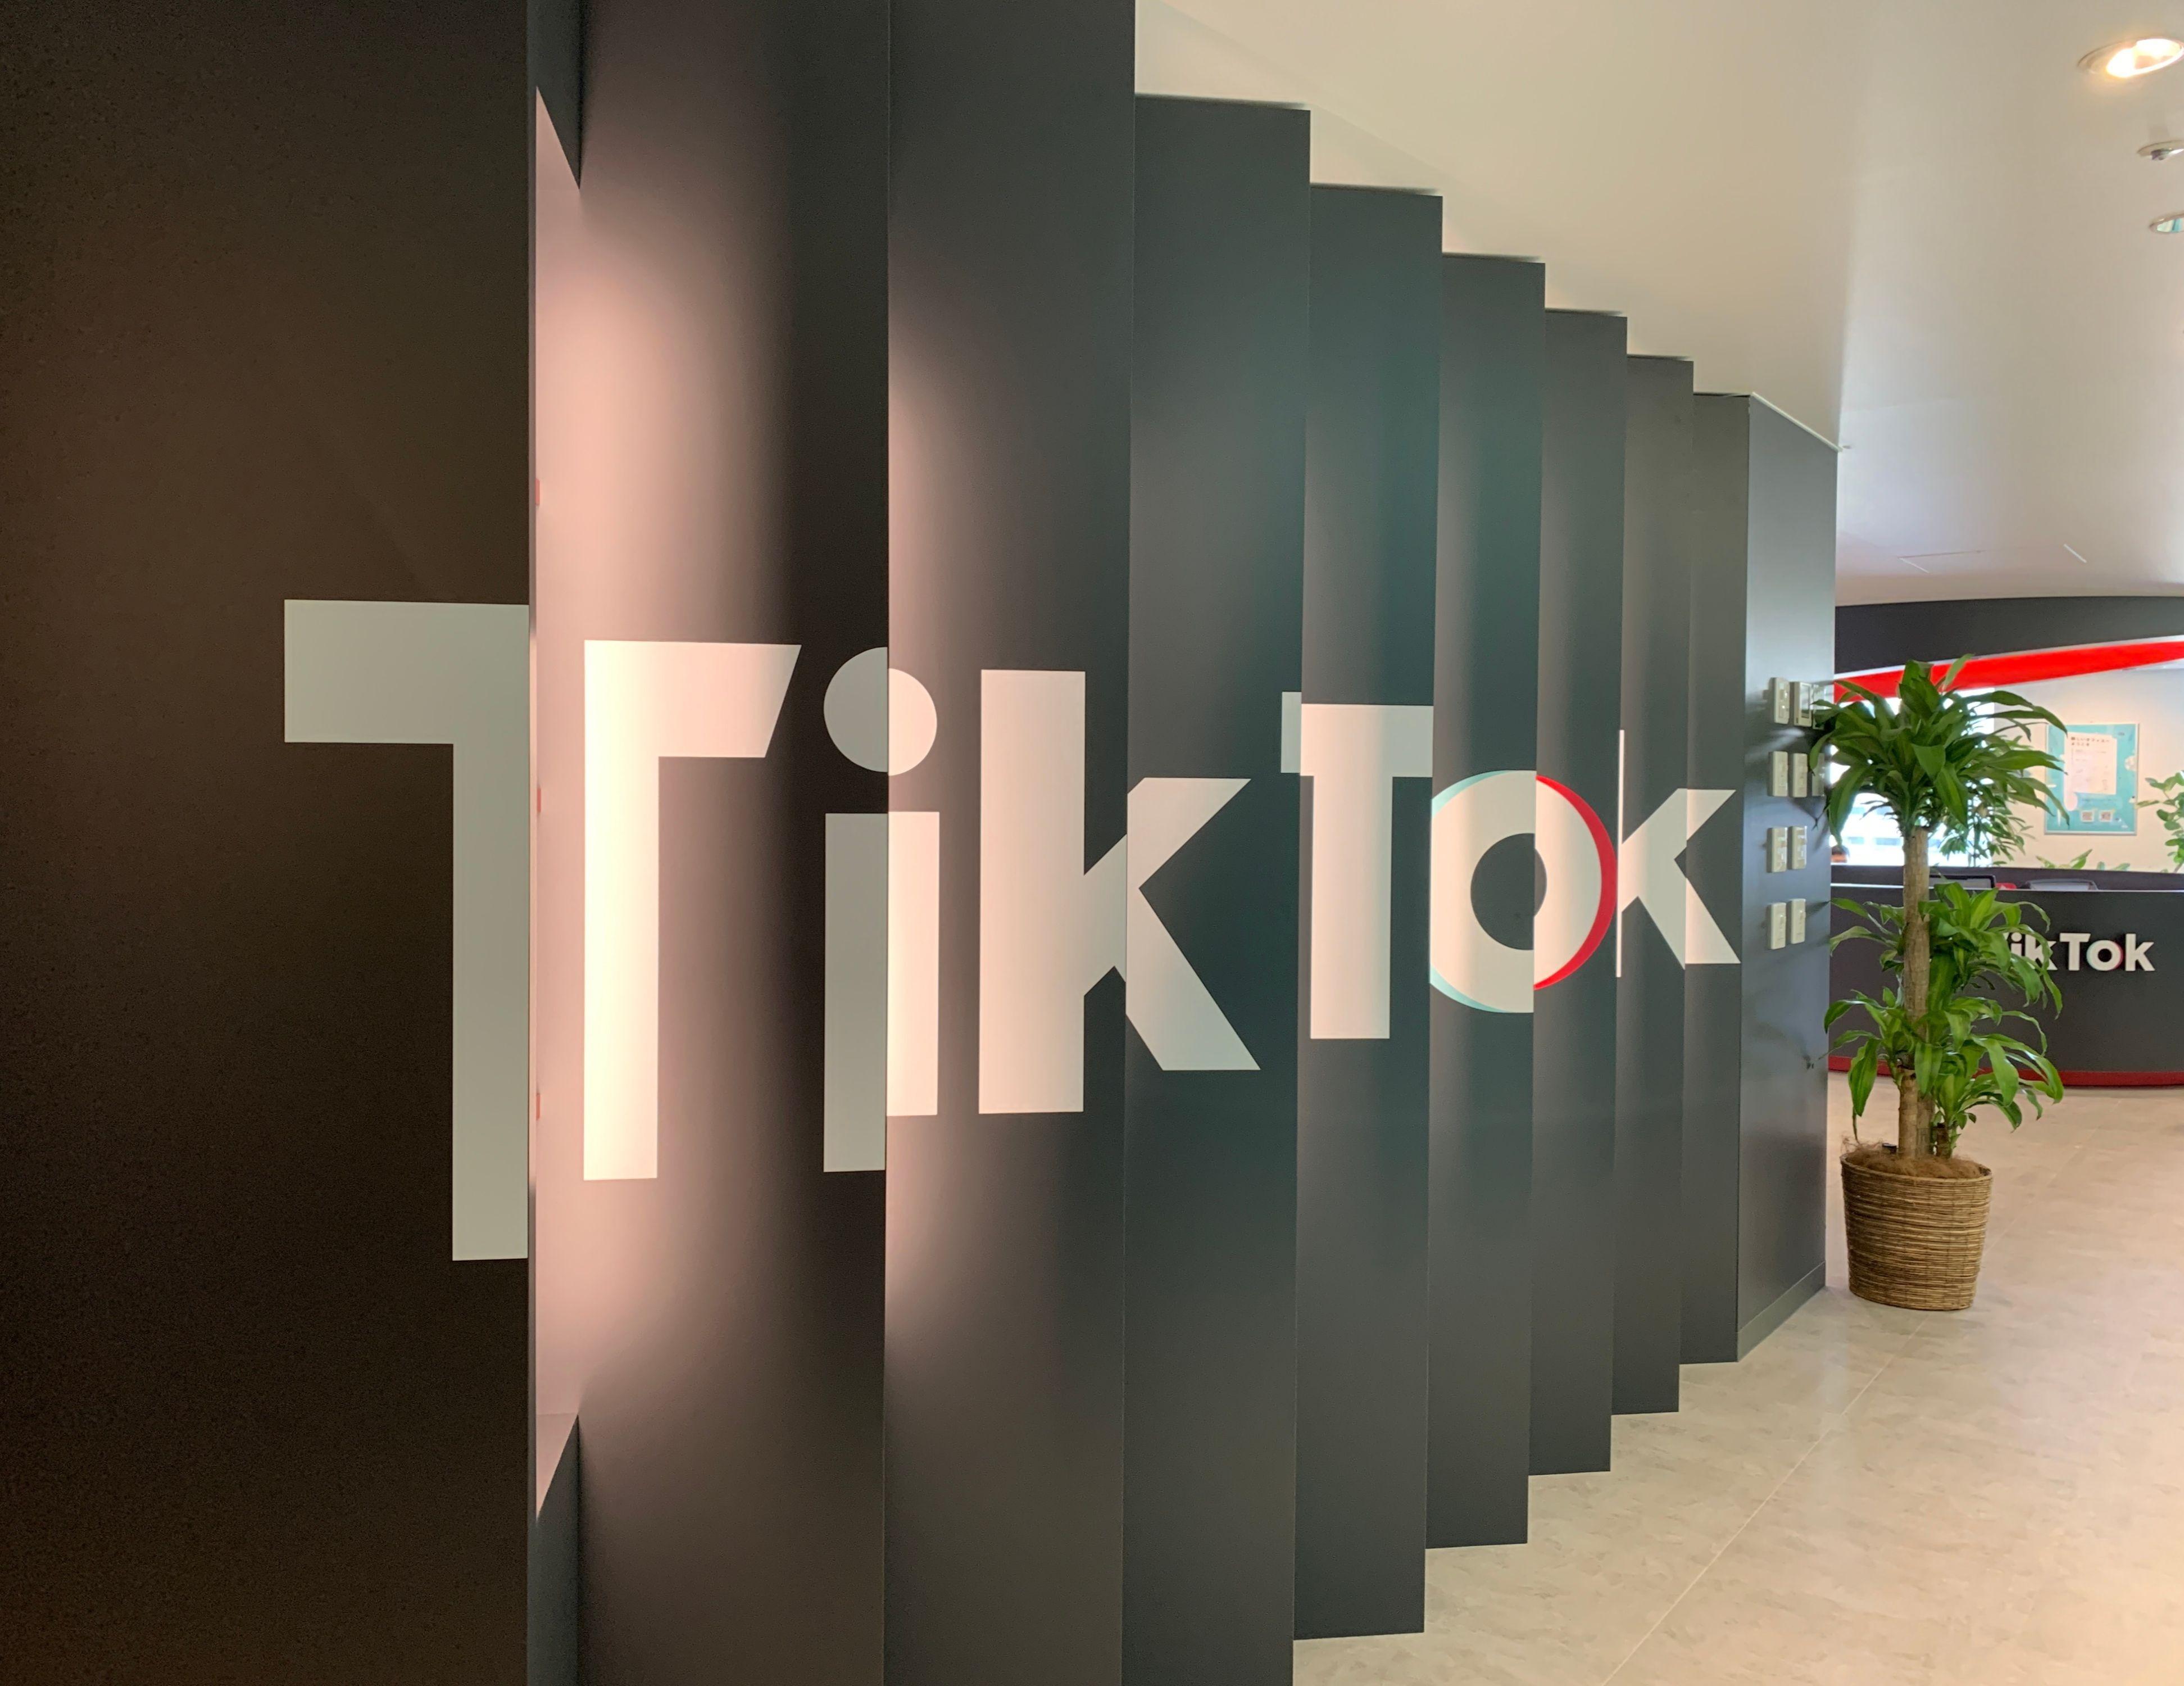 日本の生活に溶け込む「TikTok」、利用禁止でどんな影響が出る?